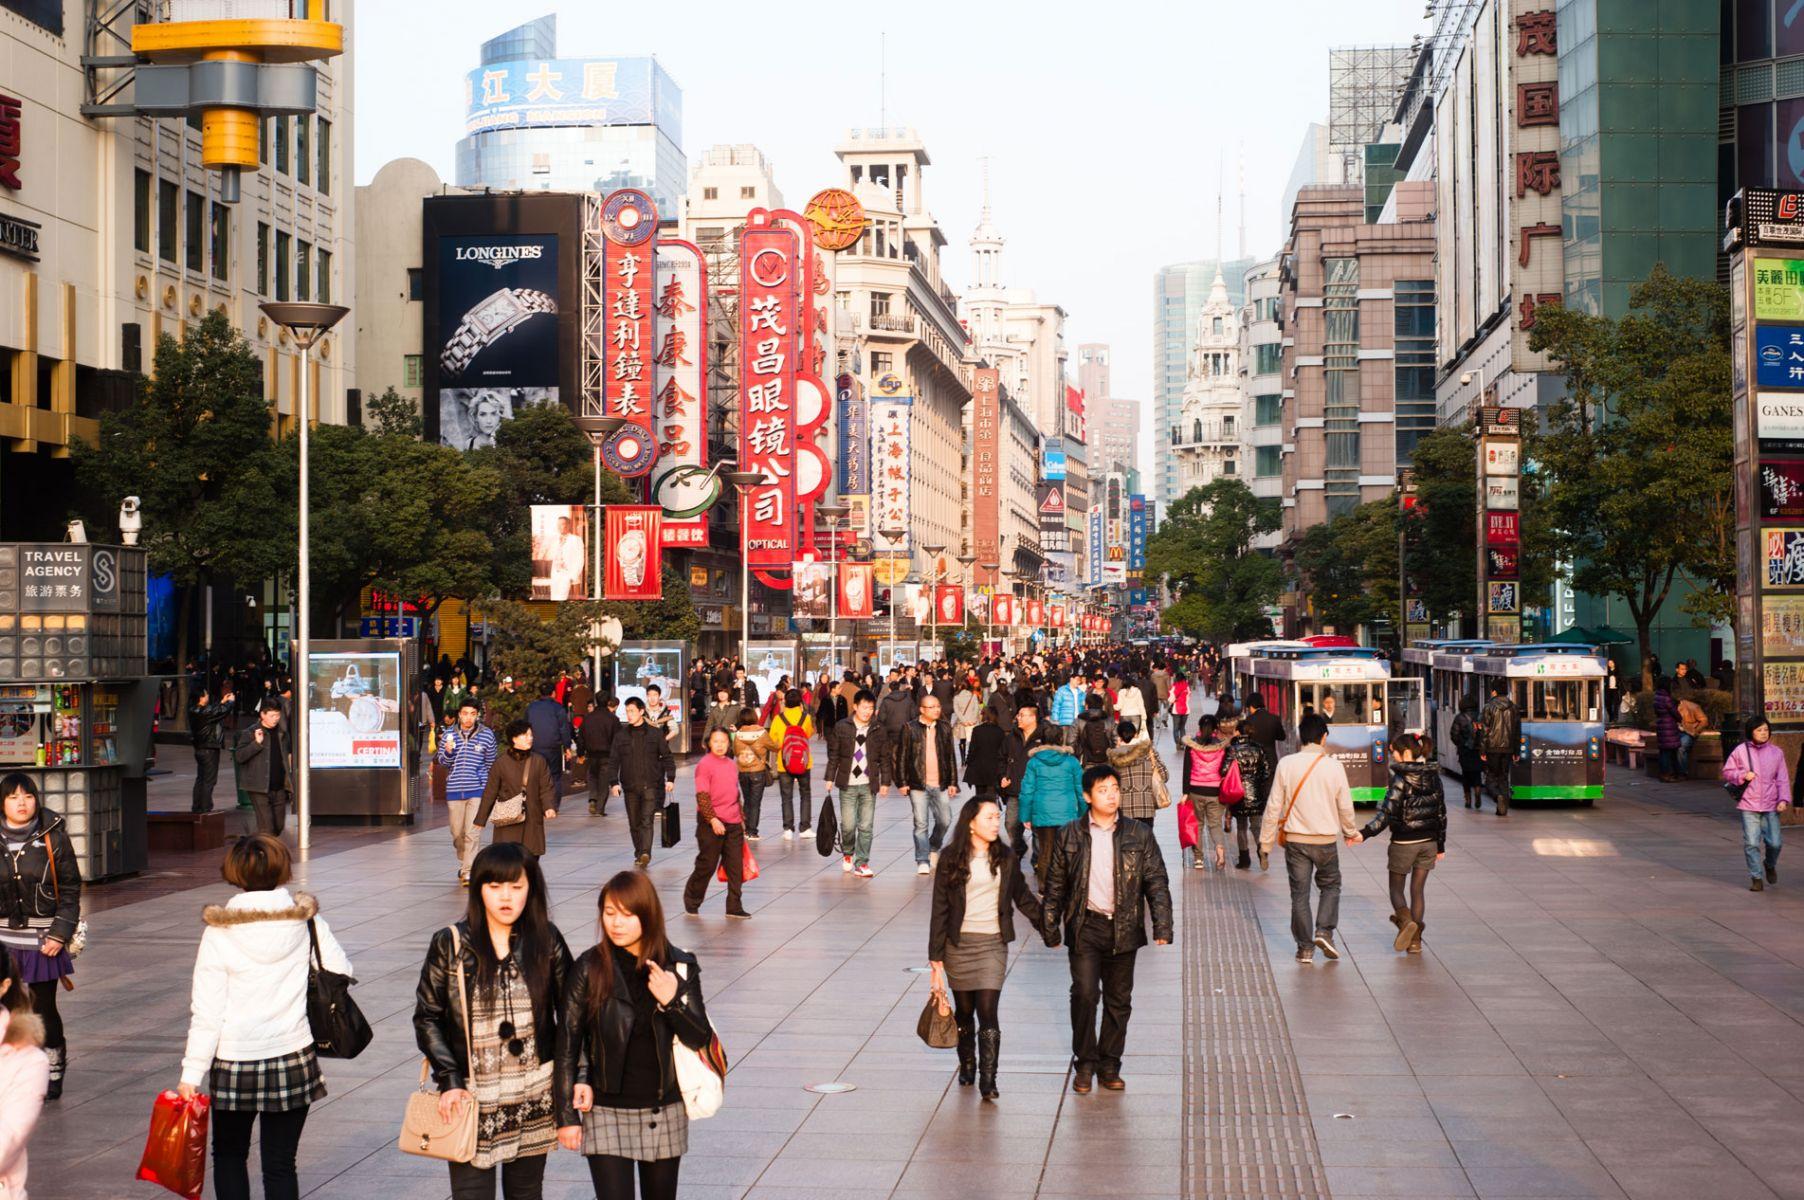 陸客爆買!為什麼中國人要出國買「中國製造」?